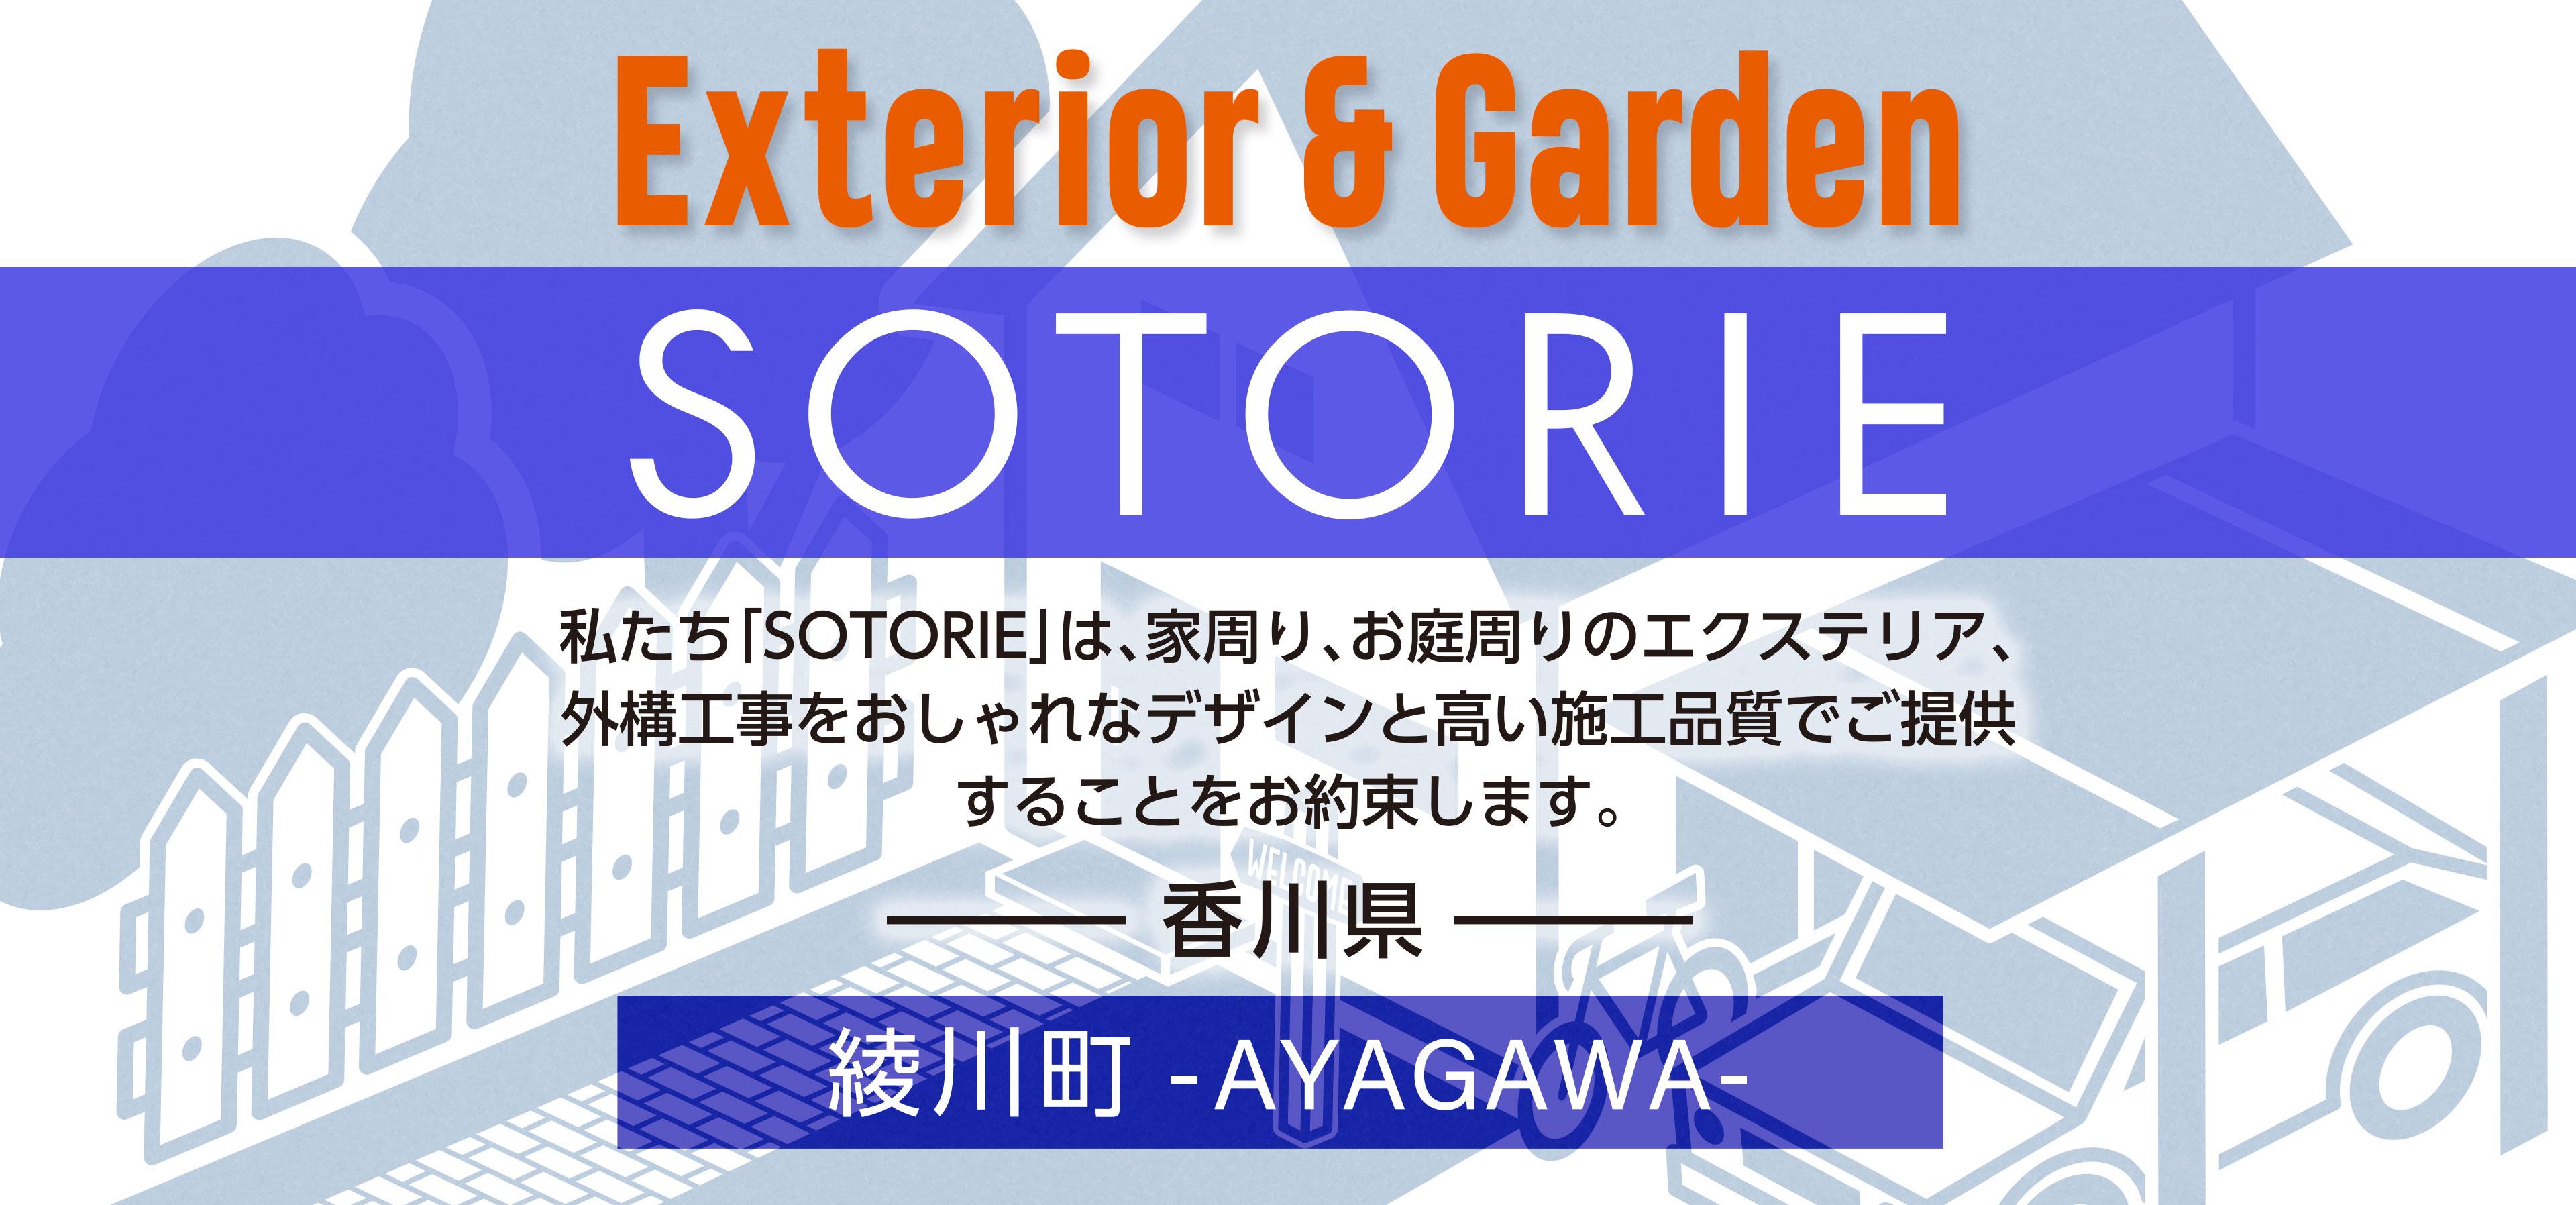 ソトリエ綾川町では、家周りと庭周りの外構、エクステリア工事をおしゃれなデザインと高い施工品質でご提供することをお約束します。